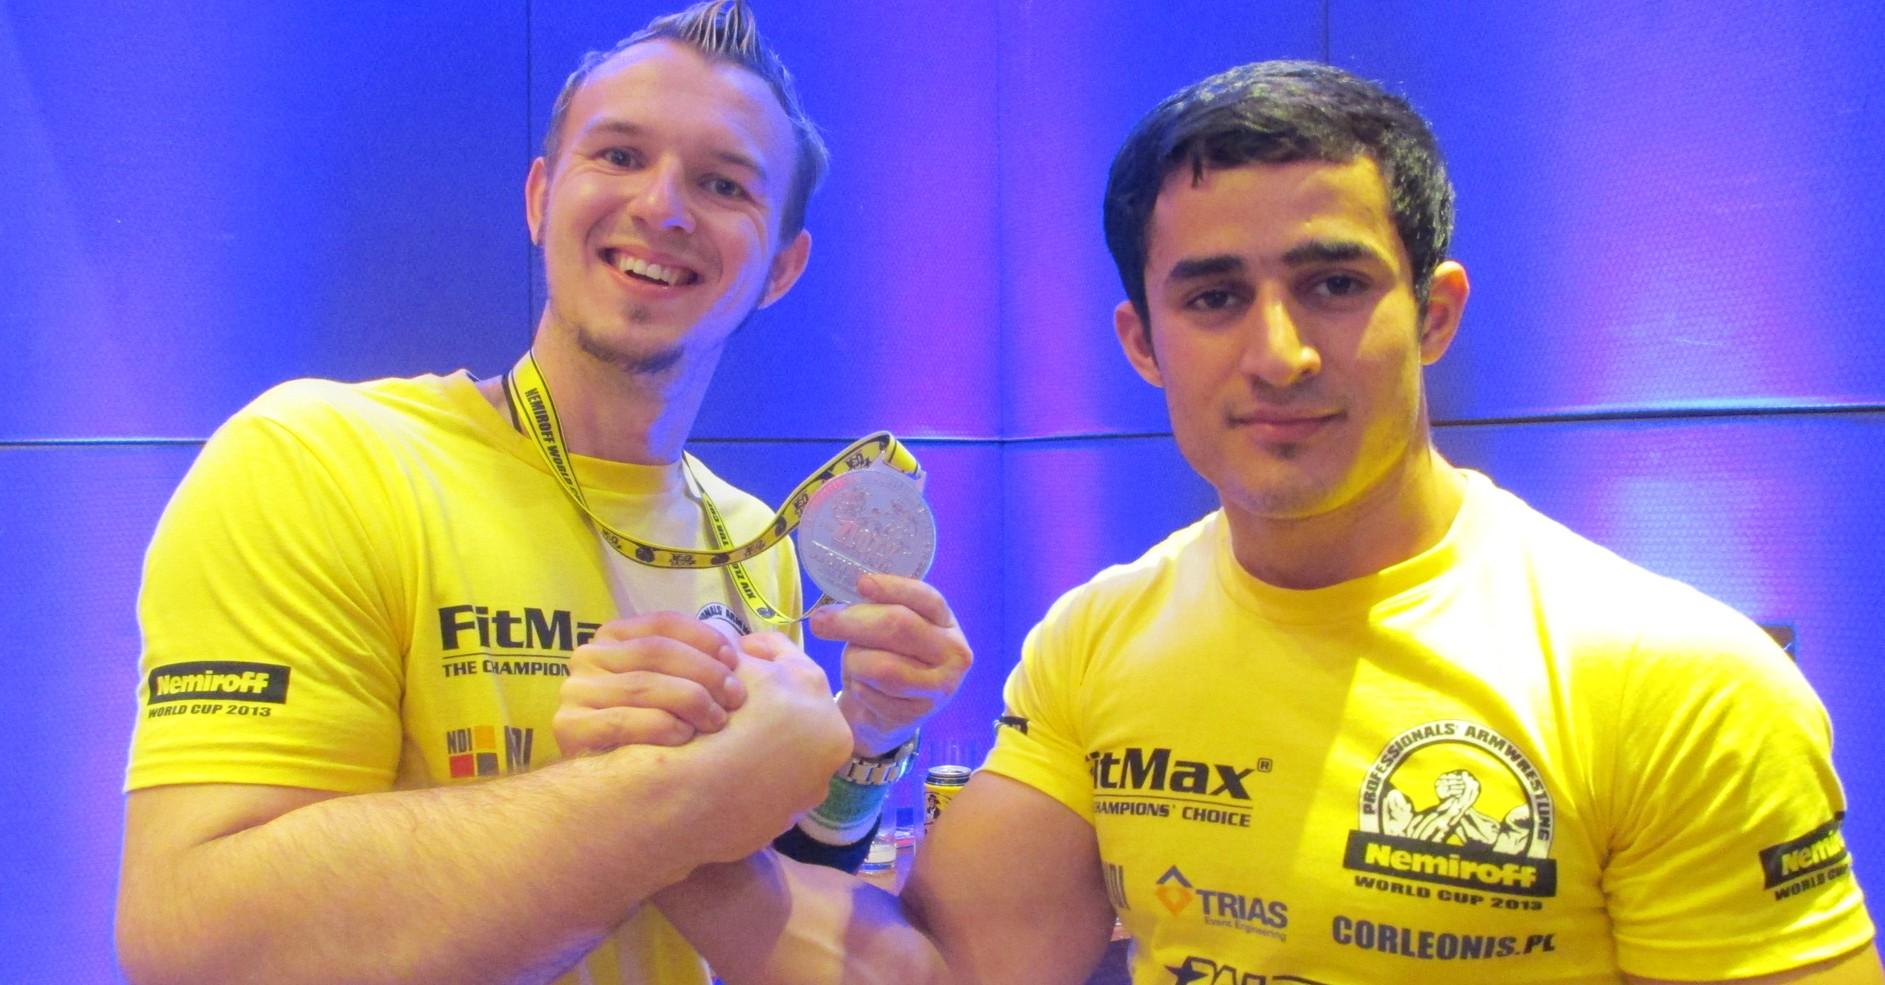 WorldCup 2013 - Schlitte und Weltmeister Farasov